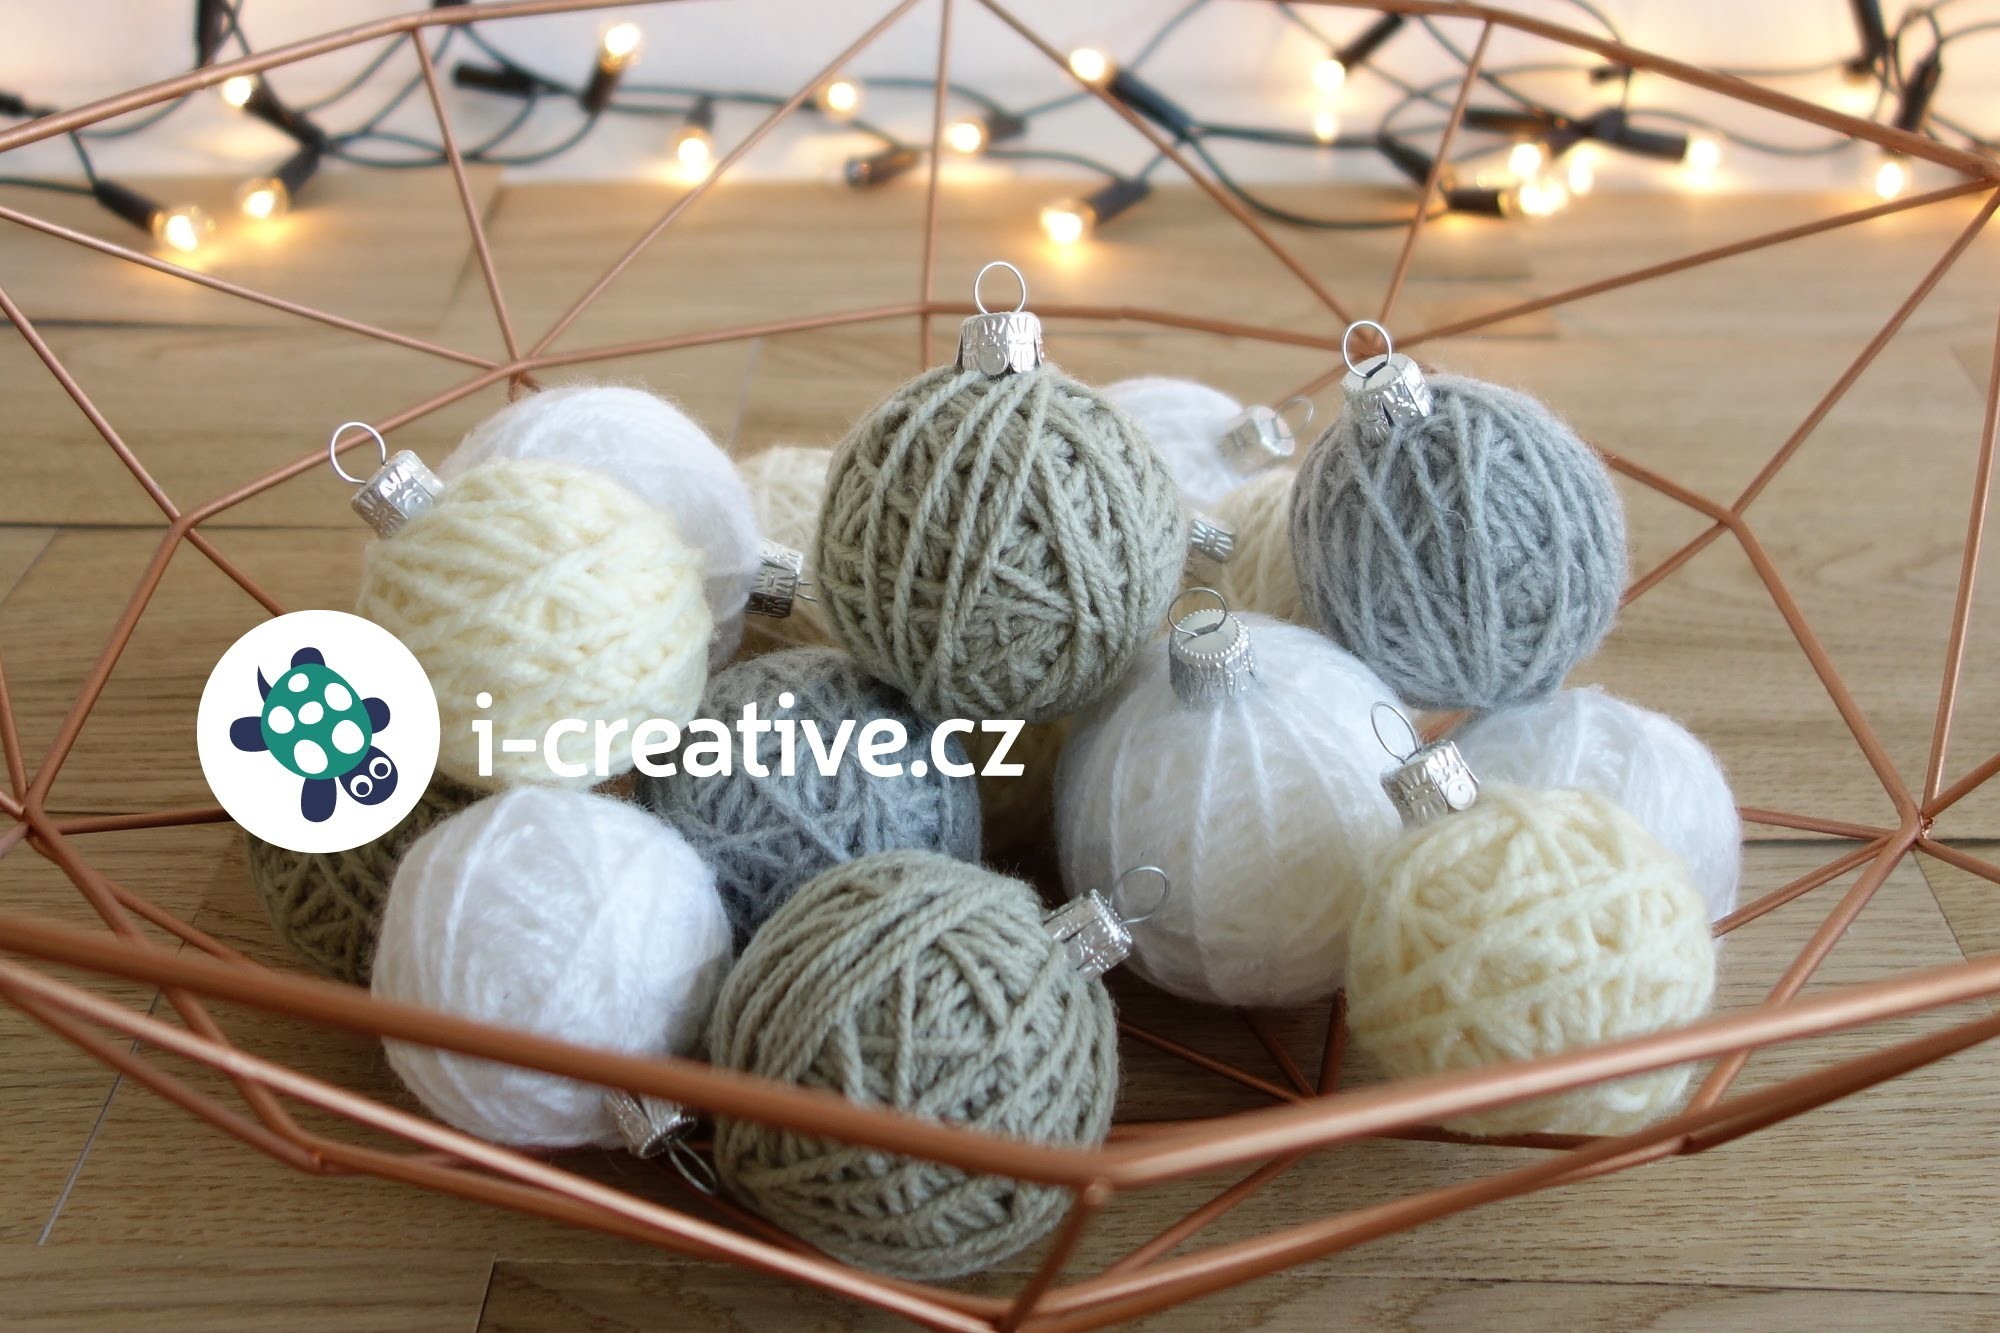 Návod na vánoční ozdoby - klubíčka z vlny